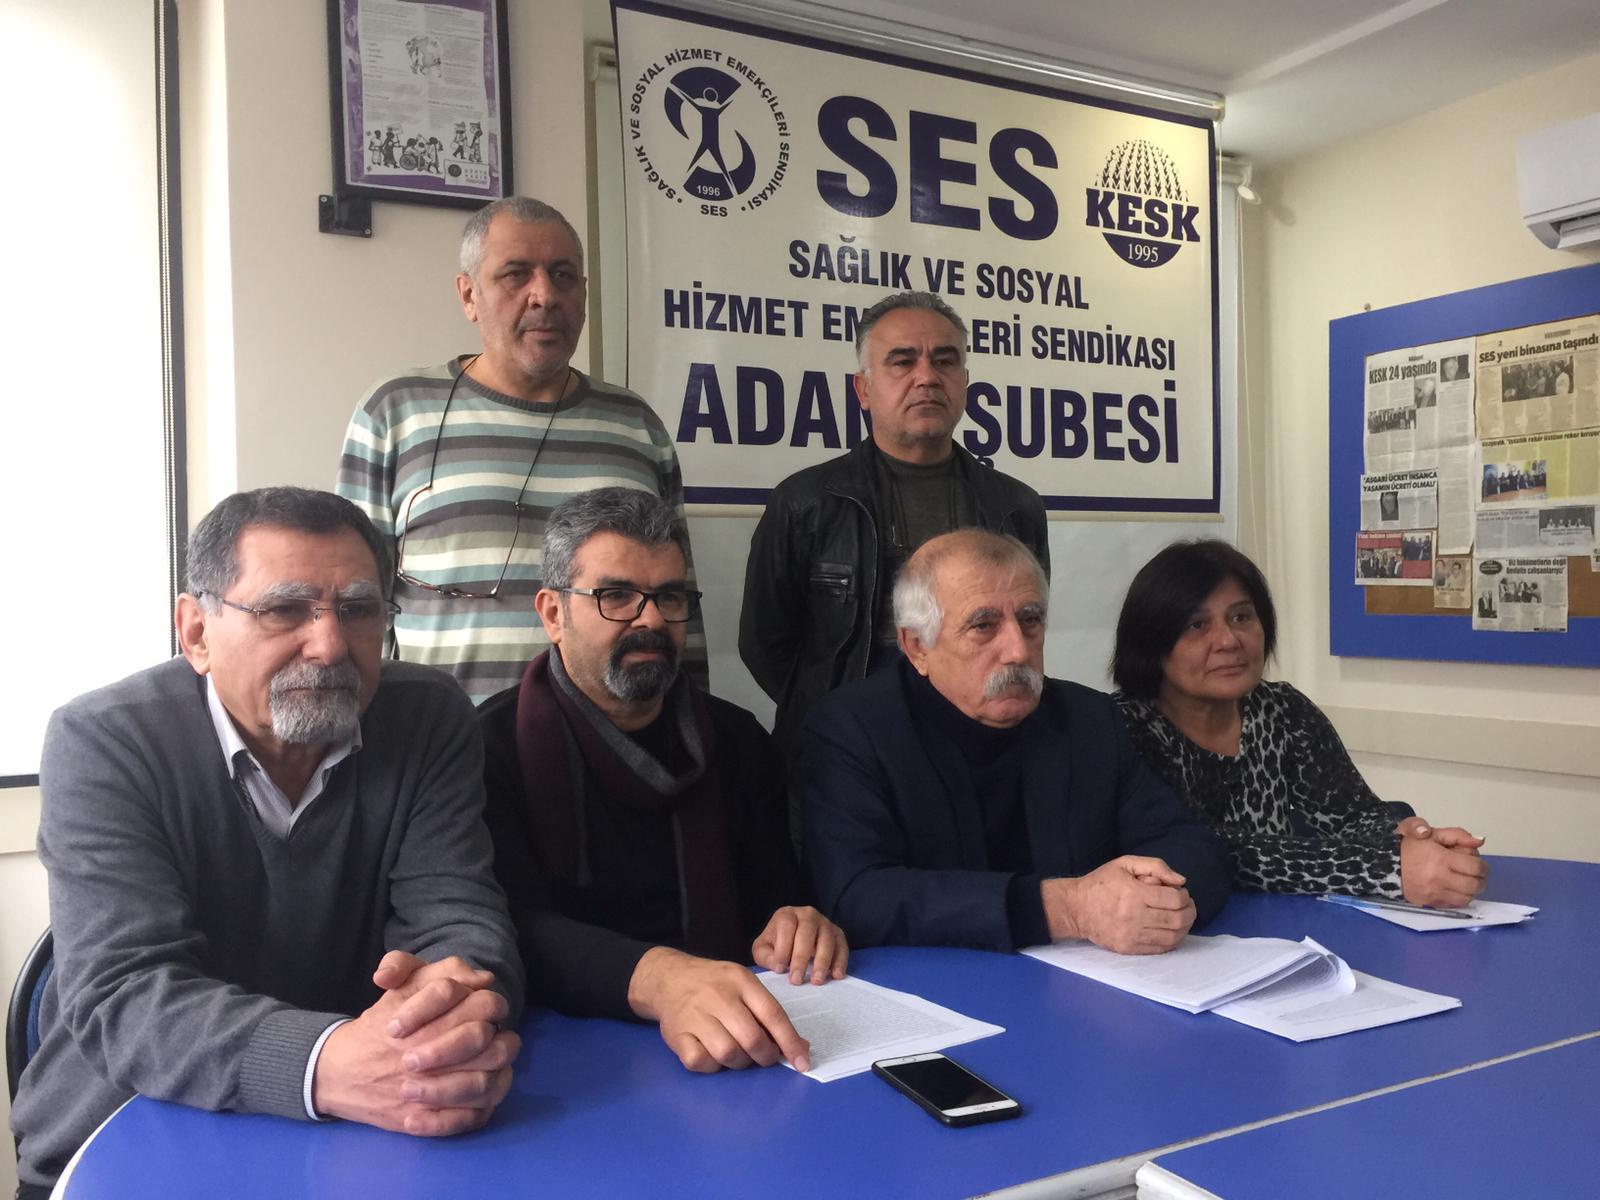 Adana Şubemiz: Sorunlarımızı Mücadele ve Dayanışma İle Çözeceğiz